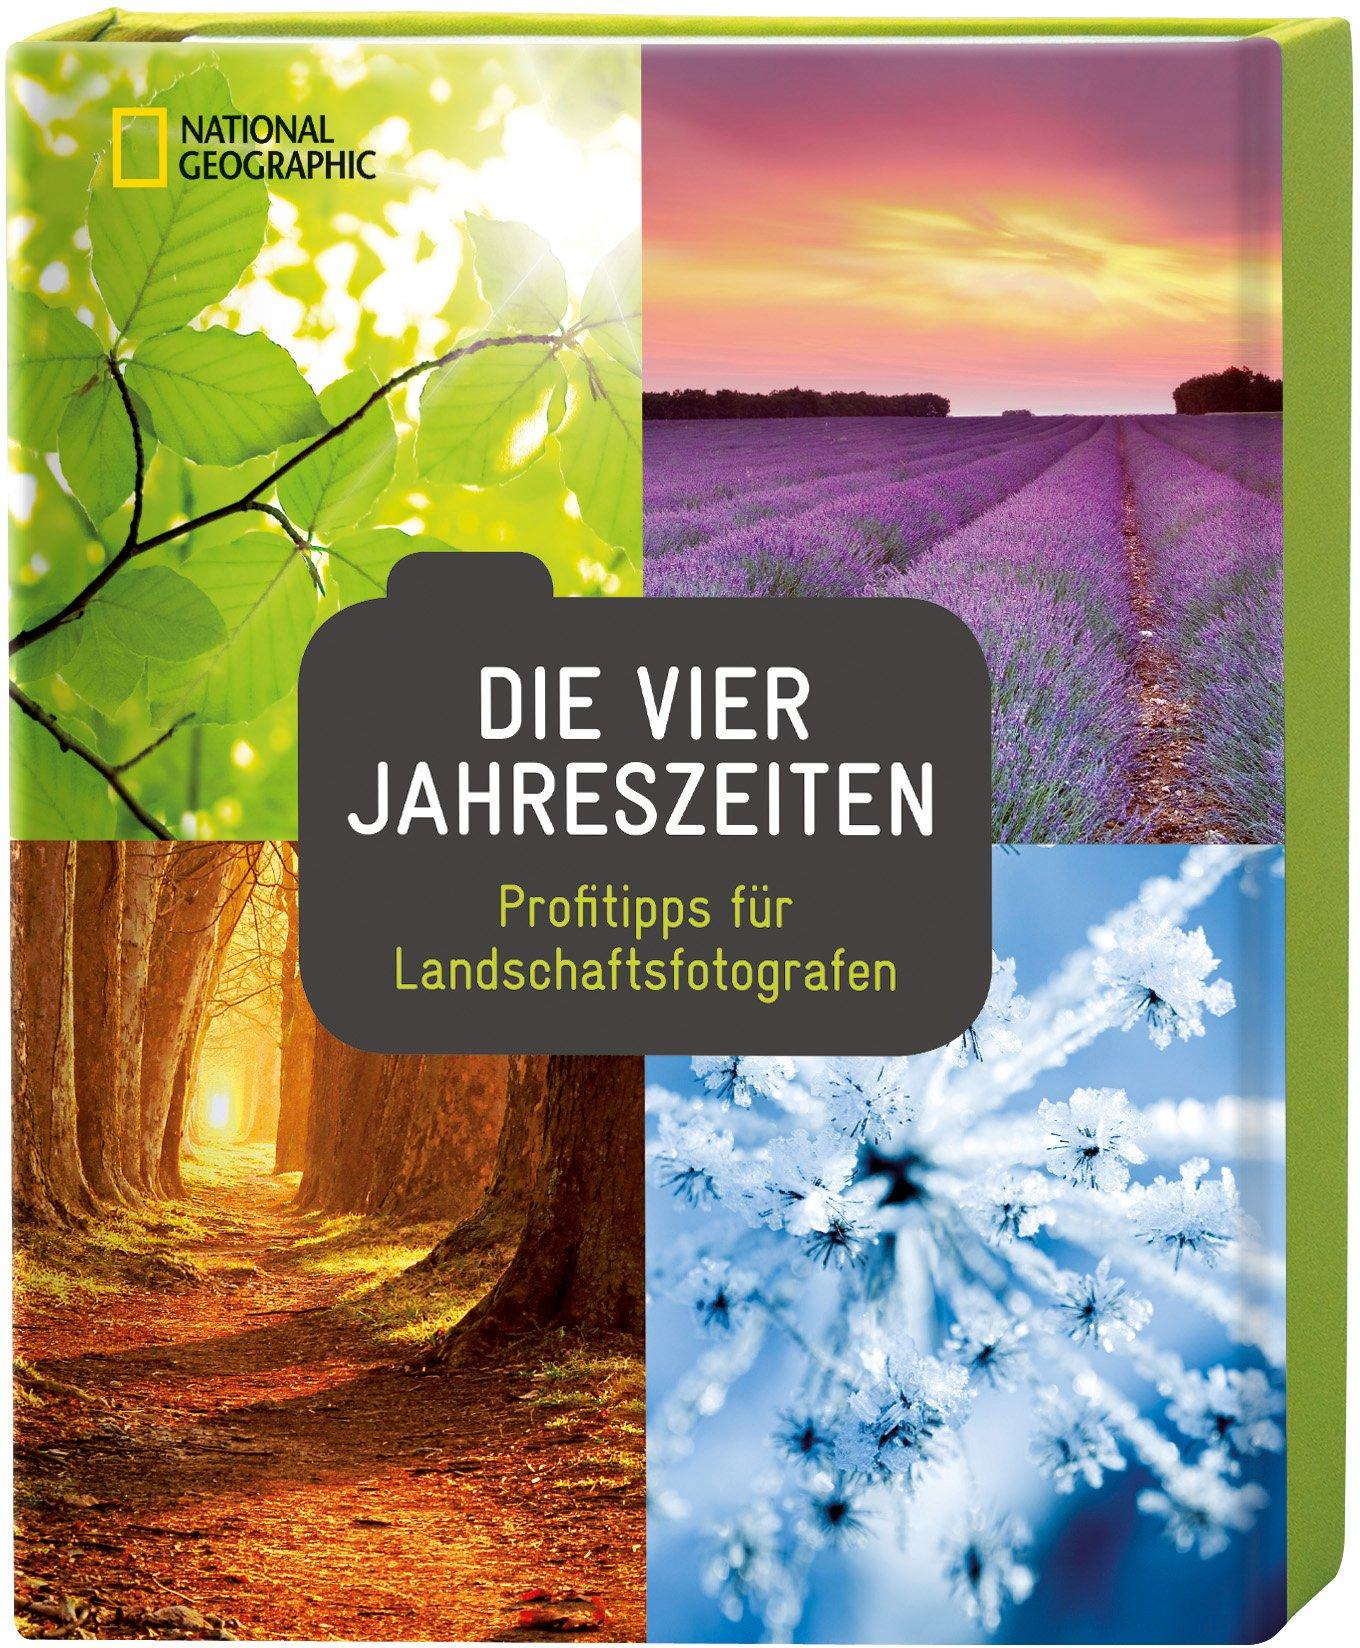 b6c1e43e9d National Geographic Fotoratgeber: Die vier Jahreszeiten (German) Hardcover  – Mar 1 2012